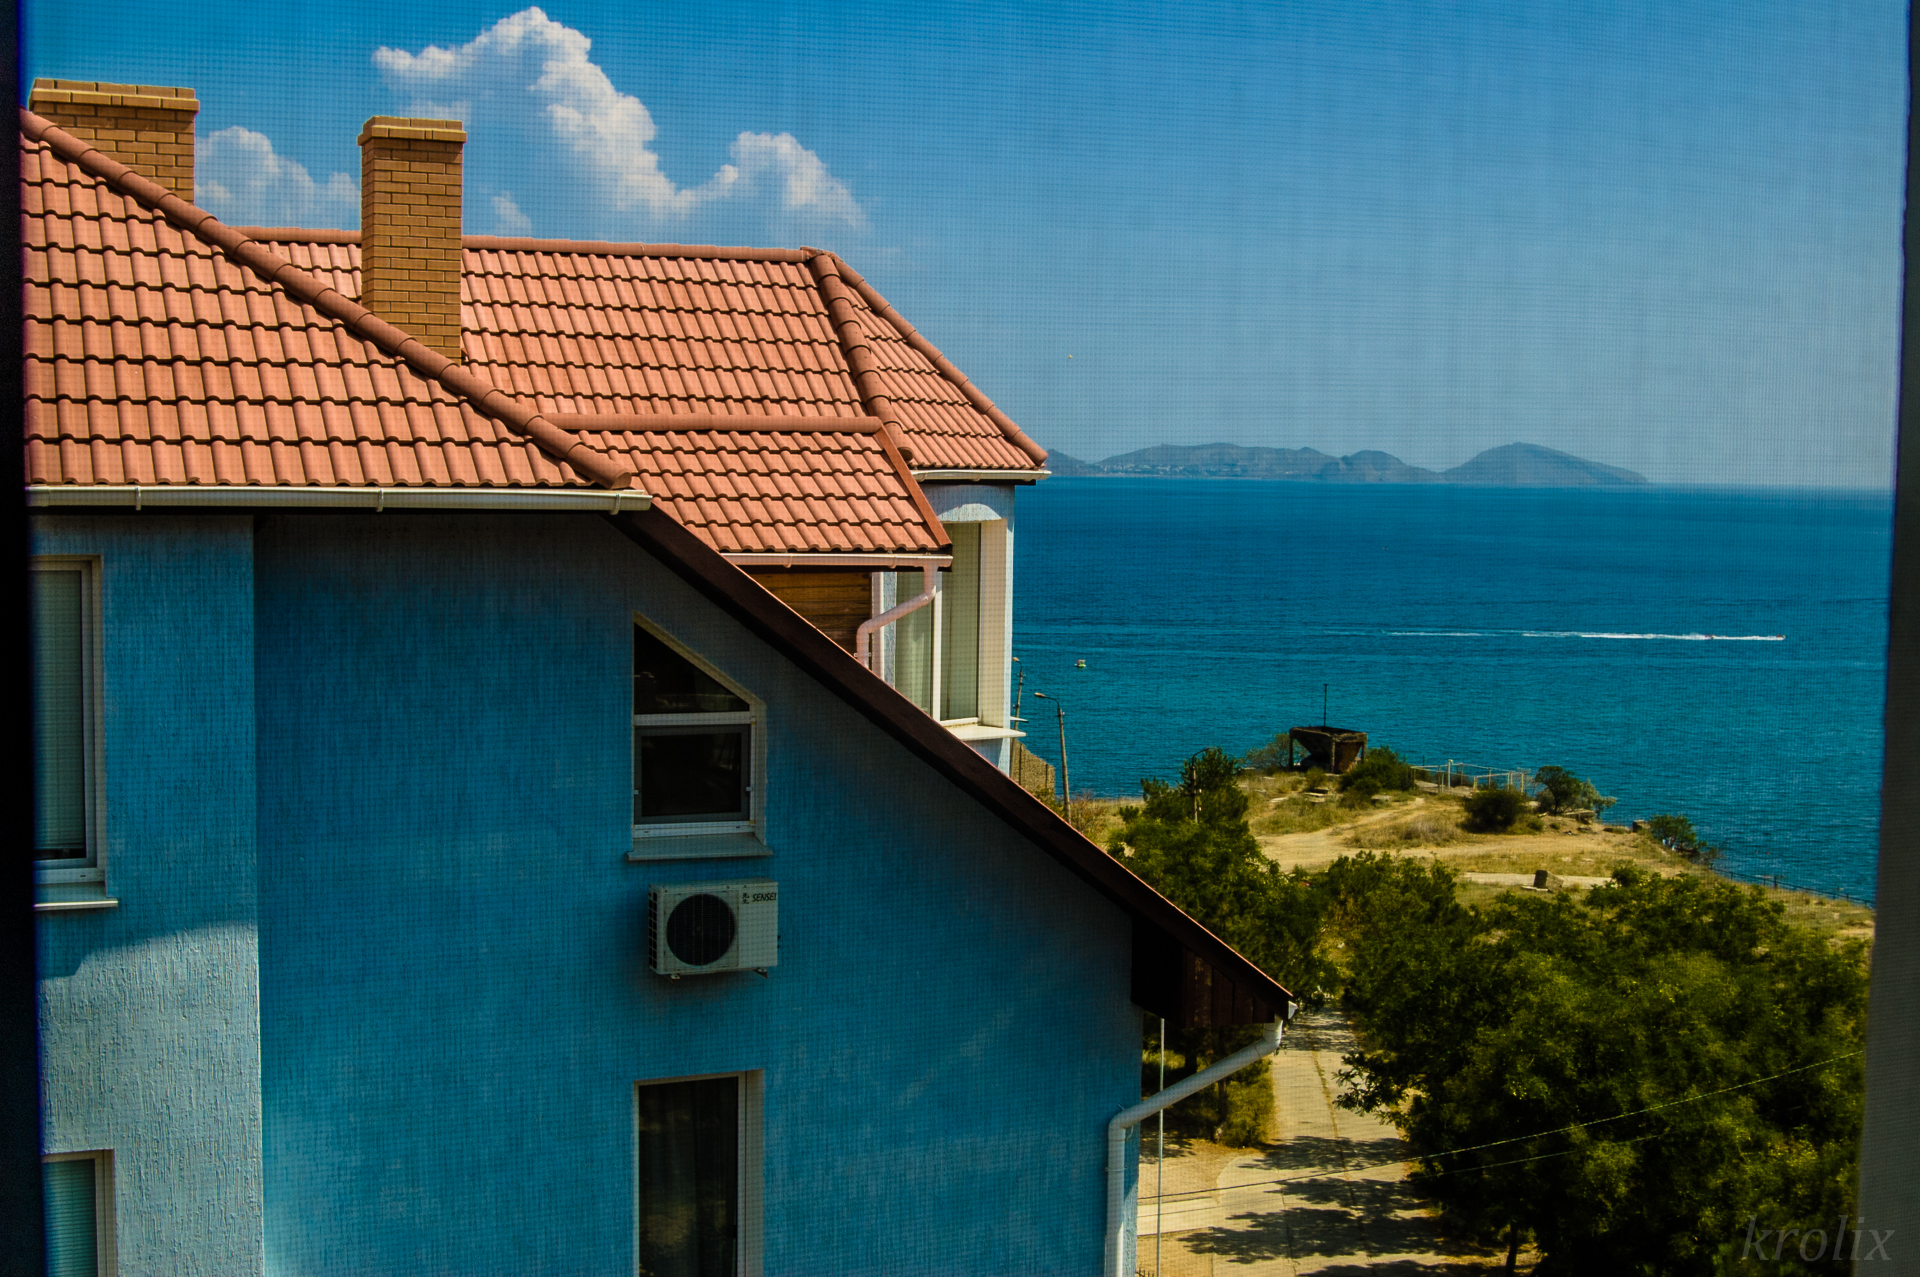 Из нашего окна видно море и мыс Киик-Атлама, у города Орджоникидзе